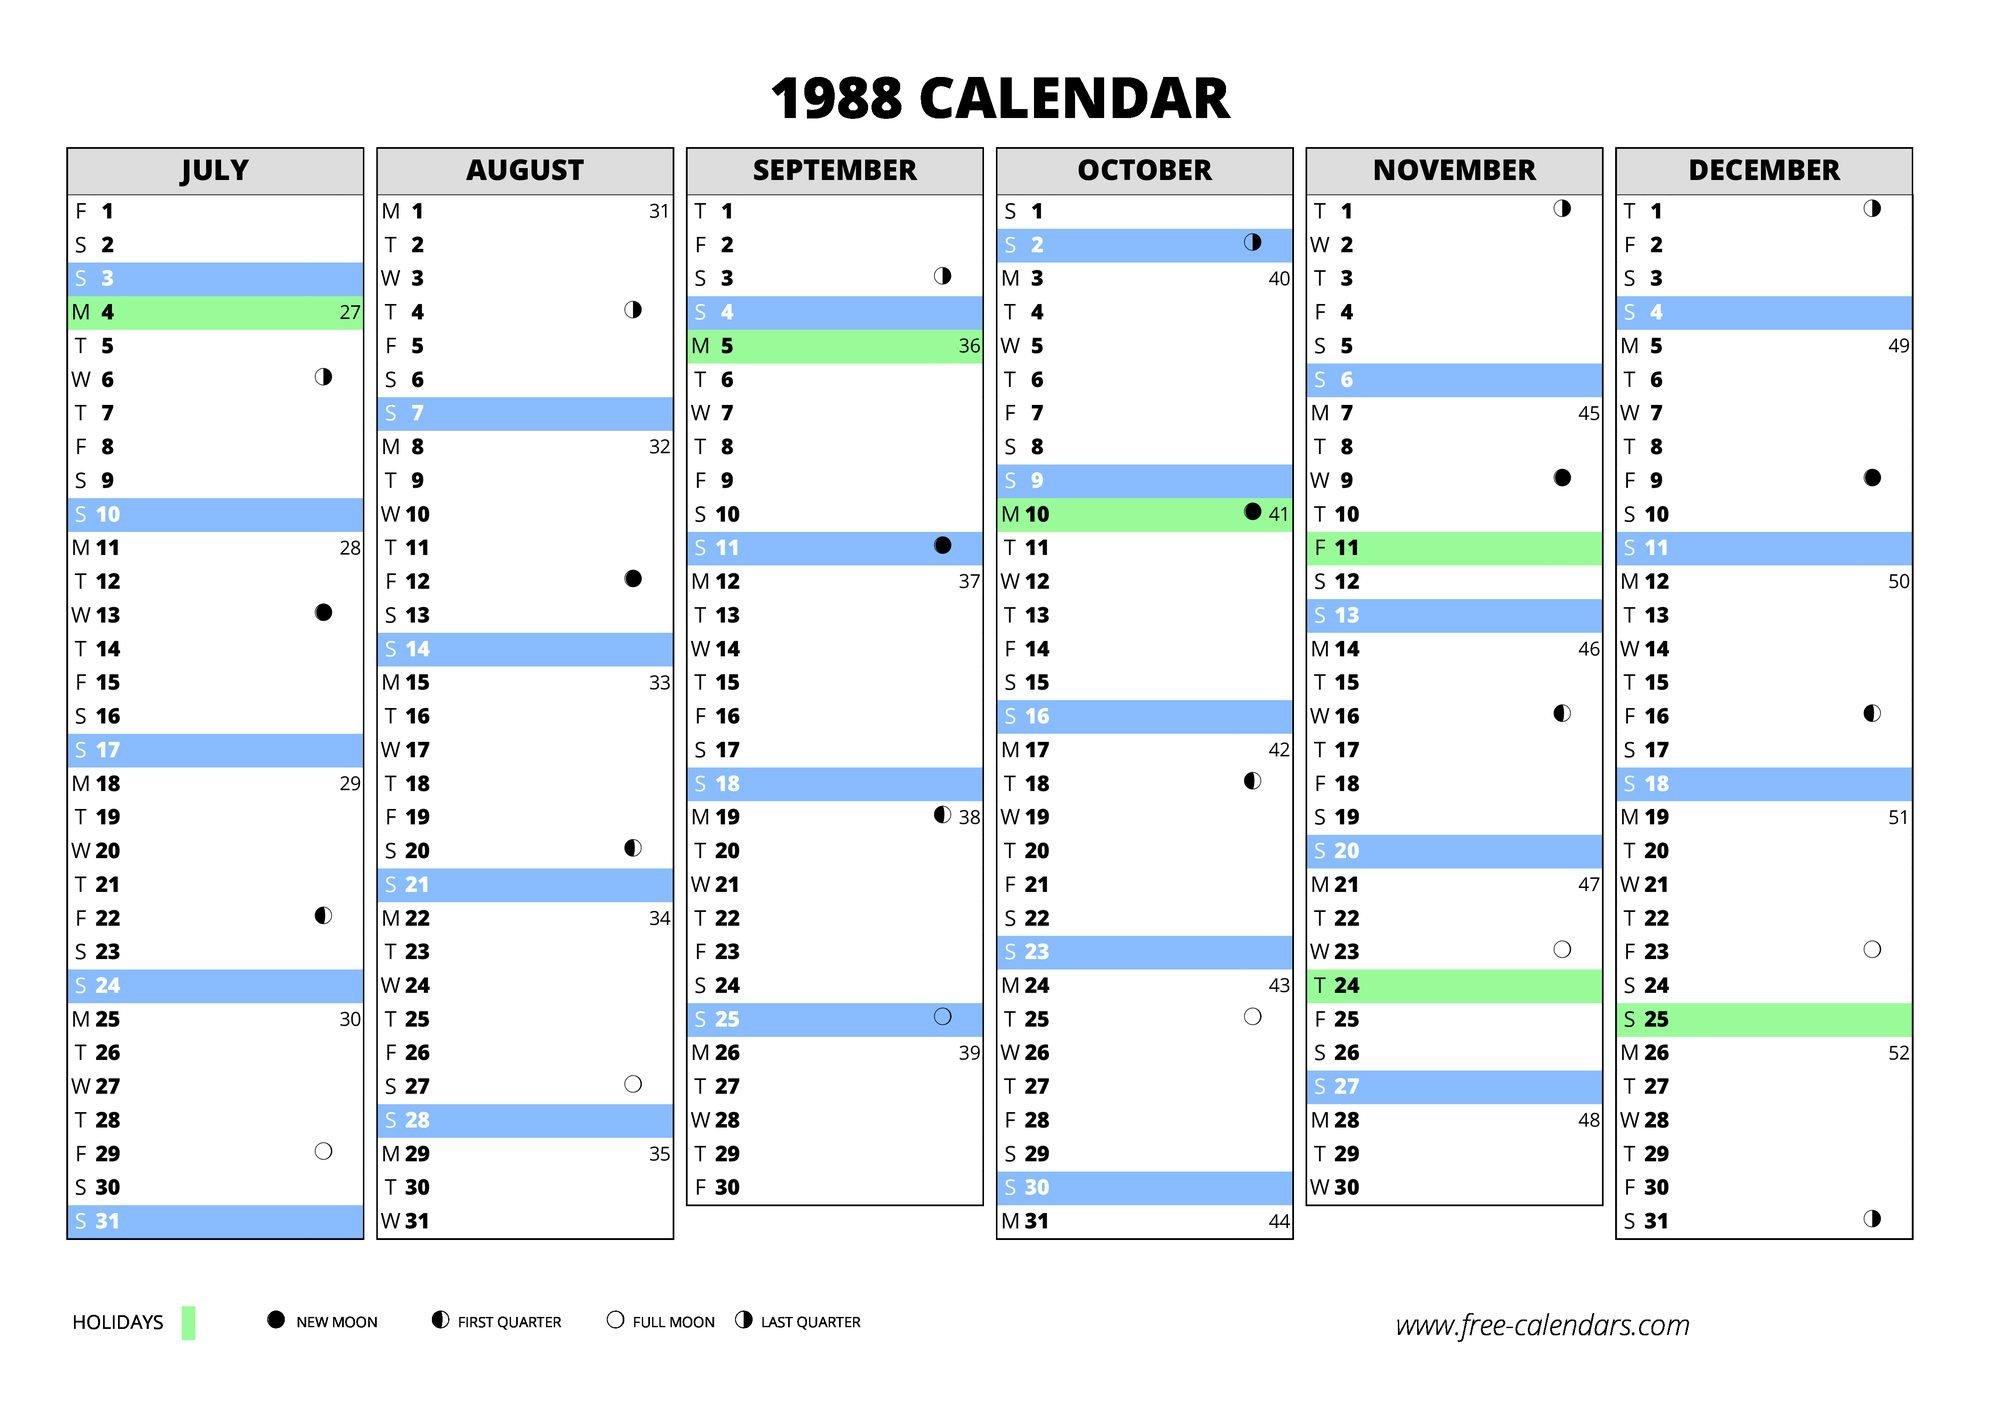 1988 Calendar ≡ Free-Calendars Free Weekly Numbered 52 Week Calendar Printable